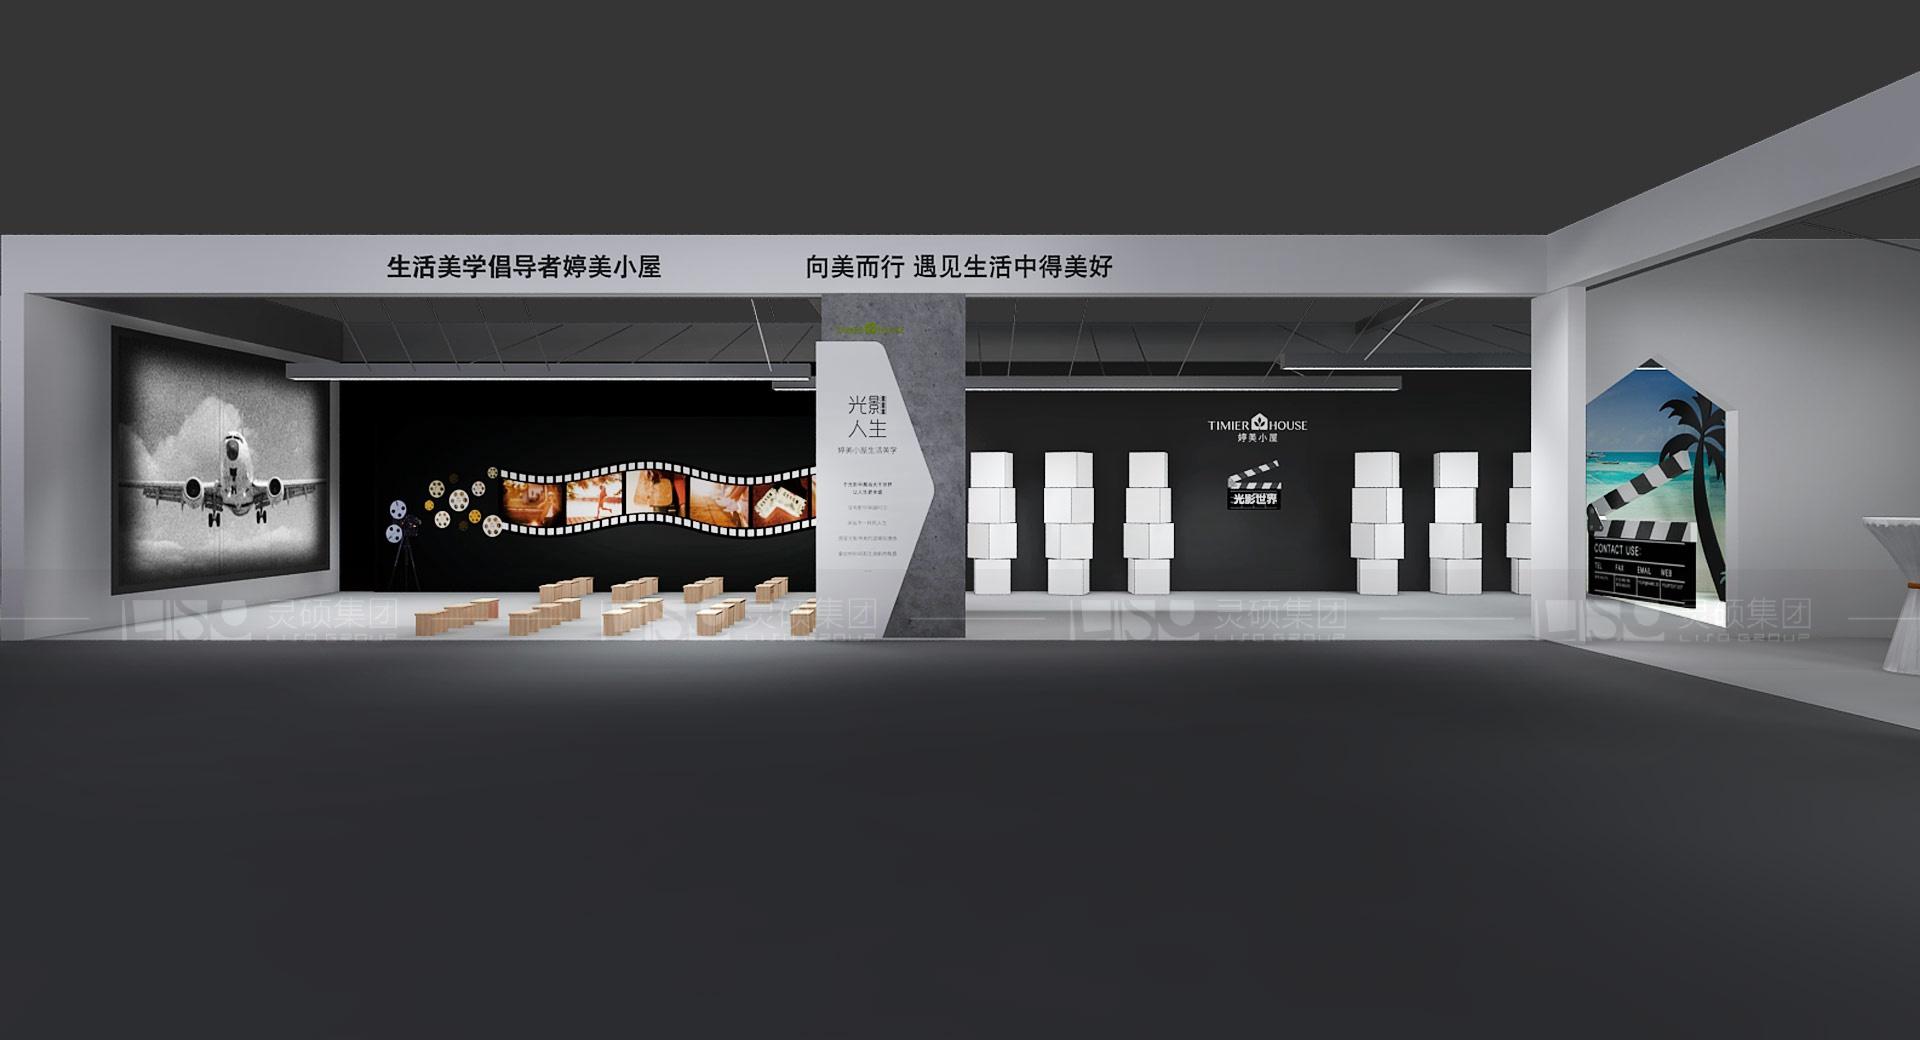 婷美小屋-美容展展台设计案例